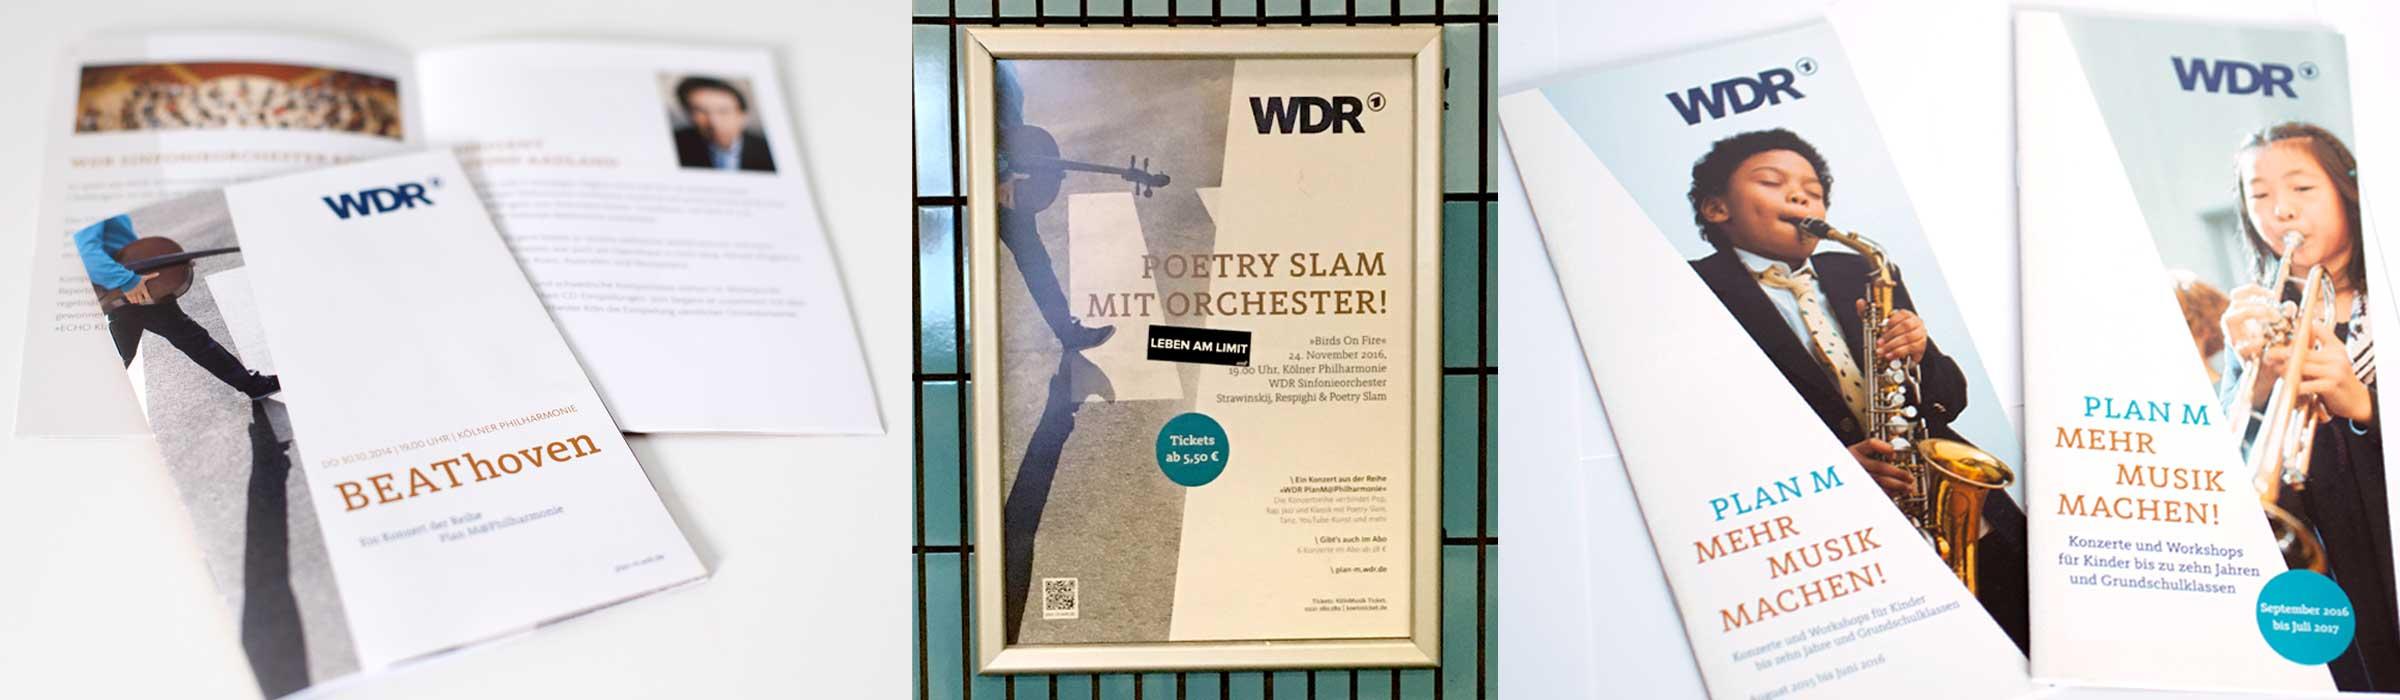 Print-design-wdr Dachmarke für verschiedene Konzerte